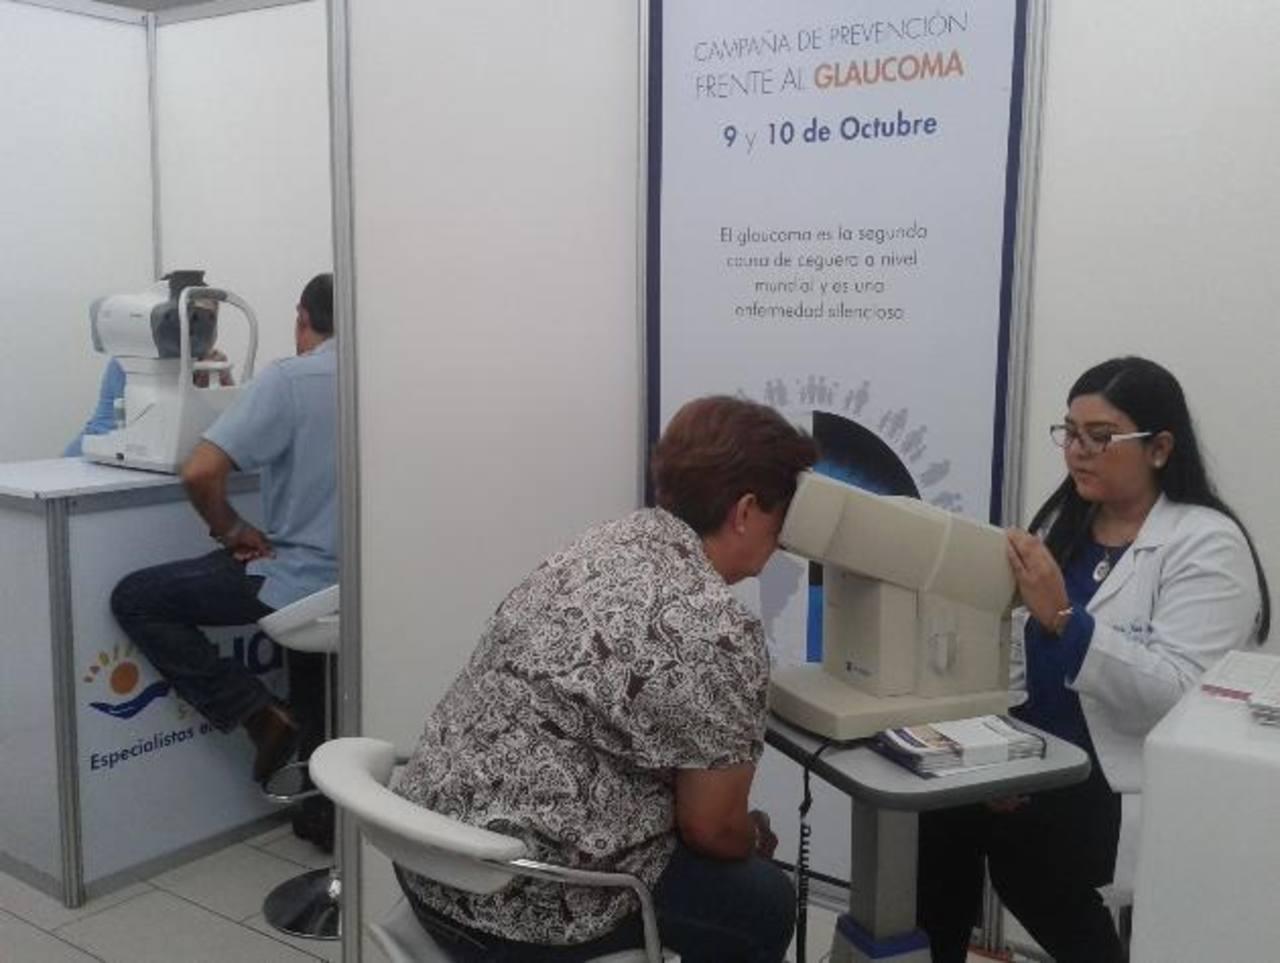 Especialistas realizaron exámenes de visión para identificar posibles enfermedades, sobre todo el glaucoma, una de las principales causas de ceguera. Foto EDH / cortesía